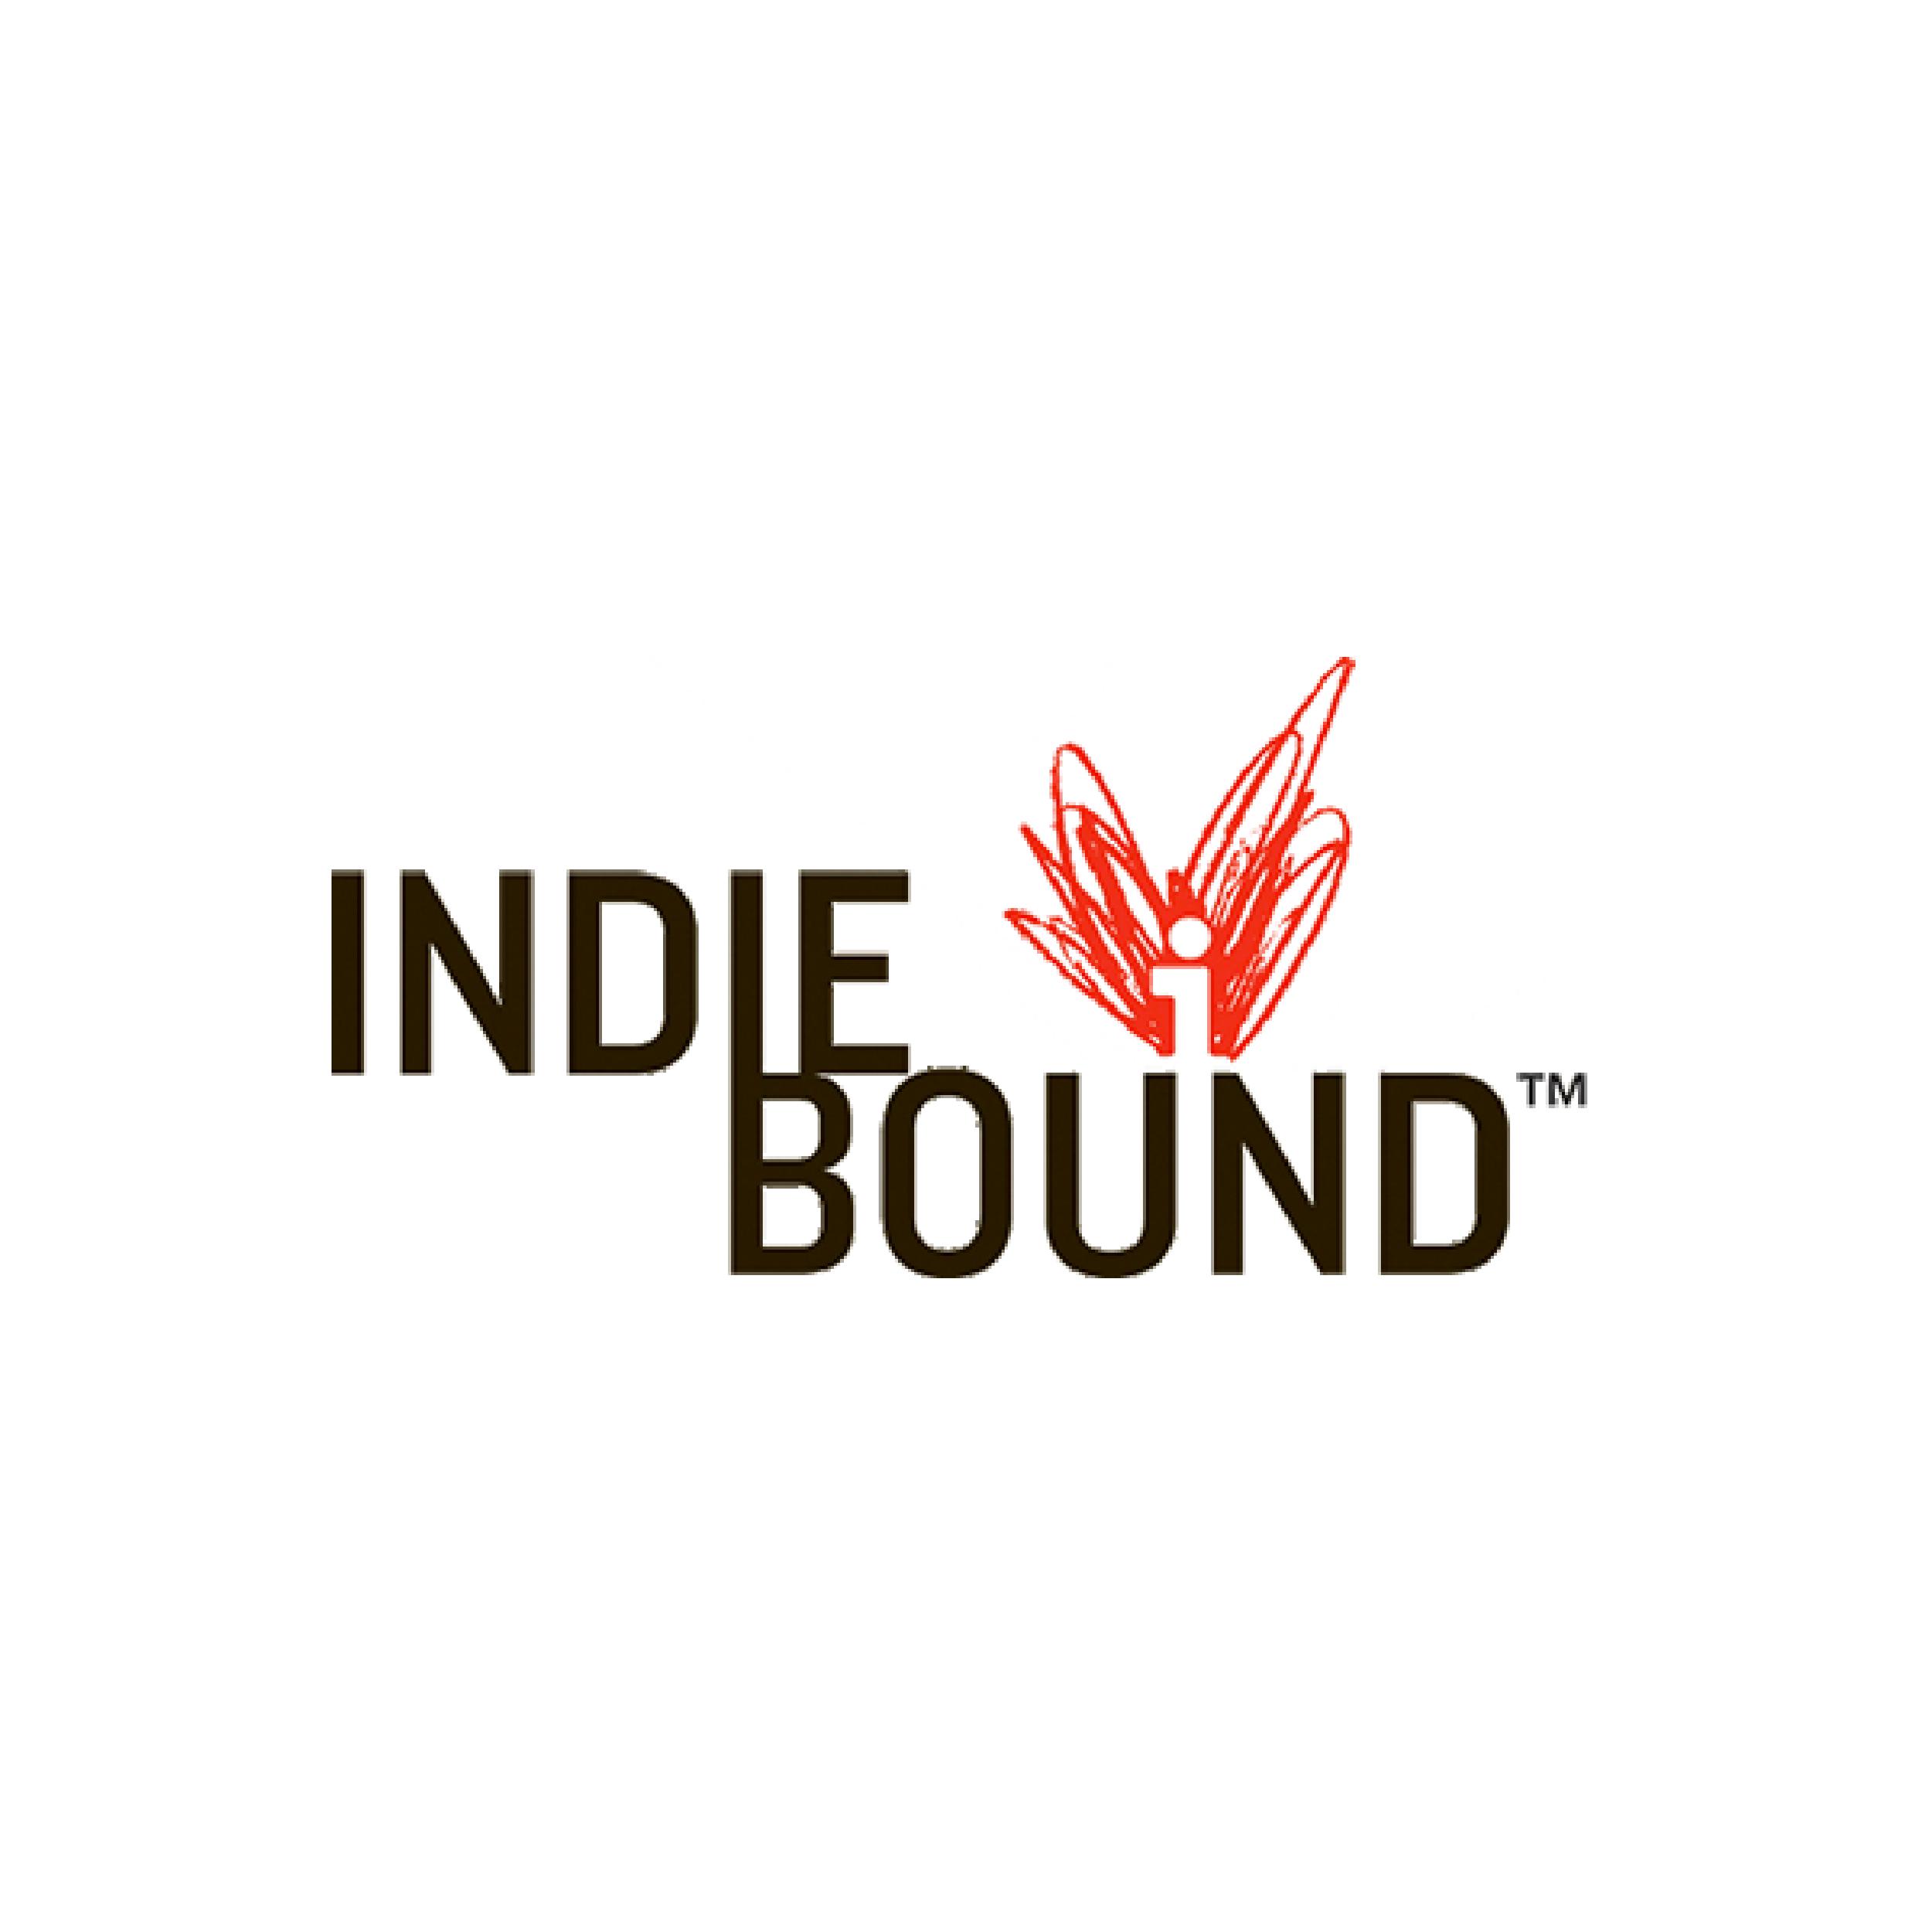 indie boud logo